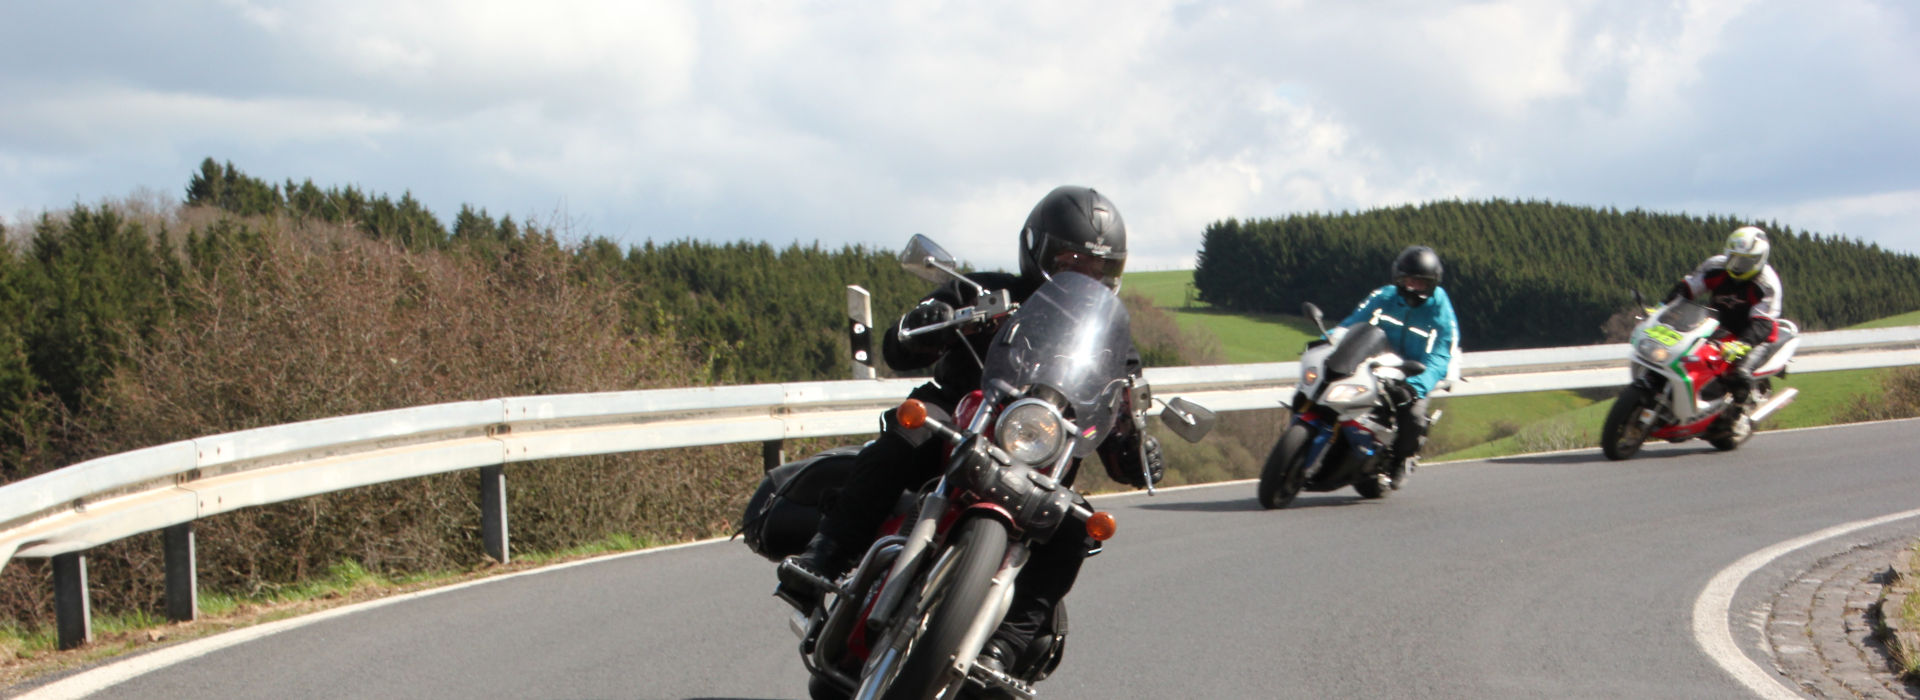 Motorrijbewijspoint Heino snel motorrijbewijs halen